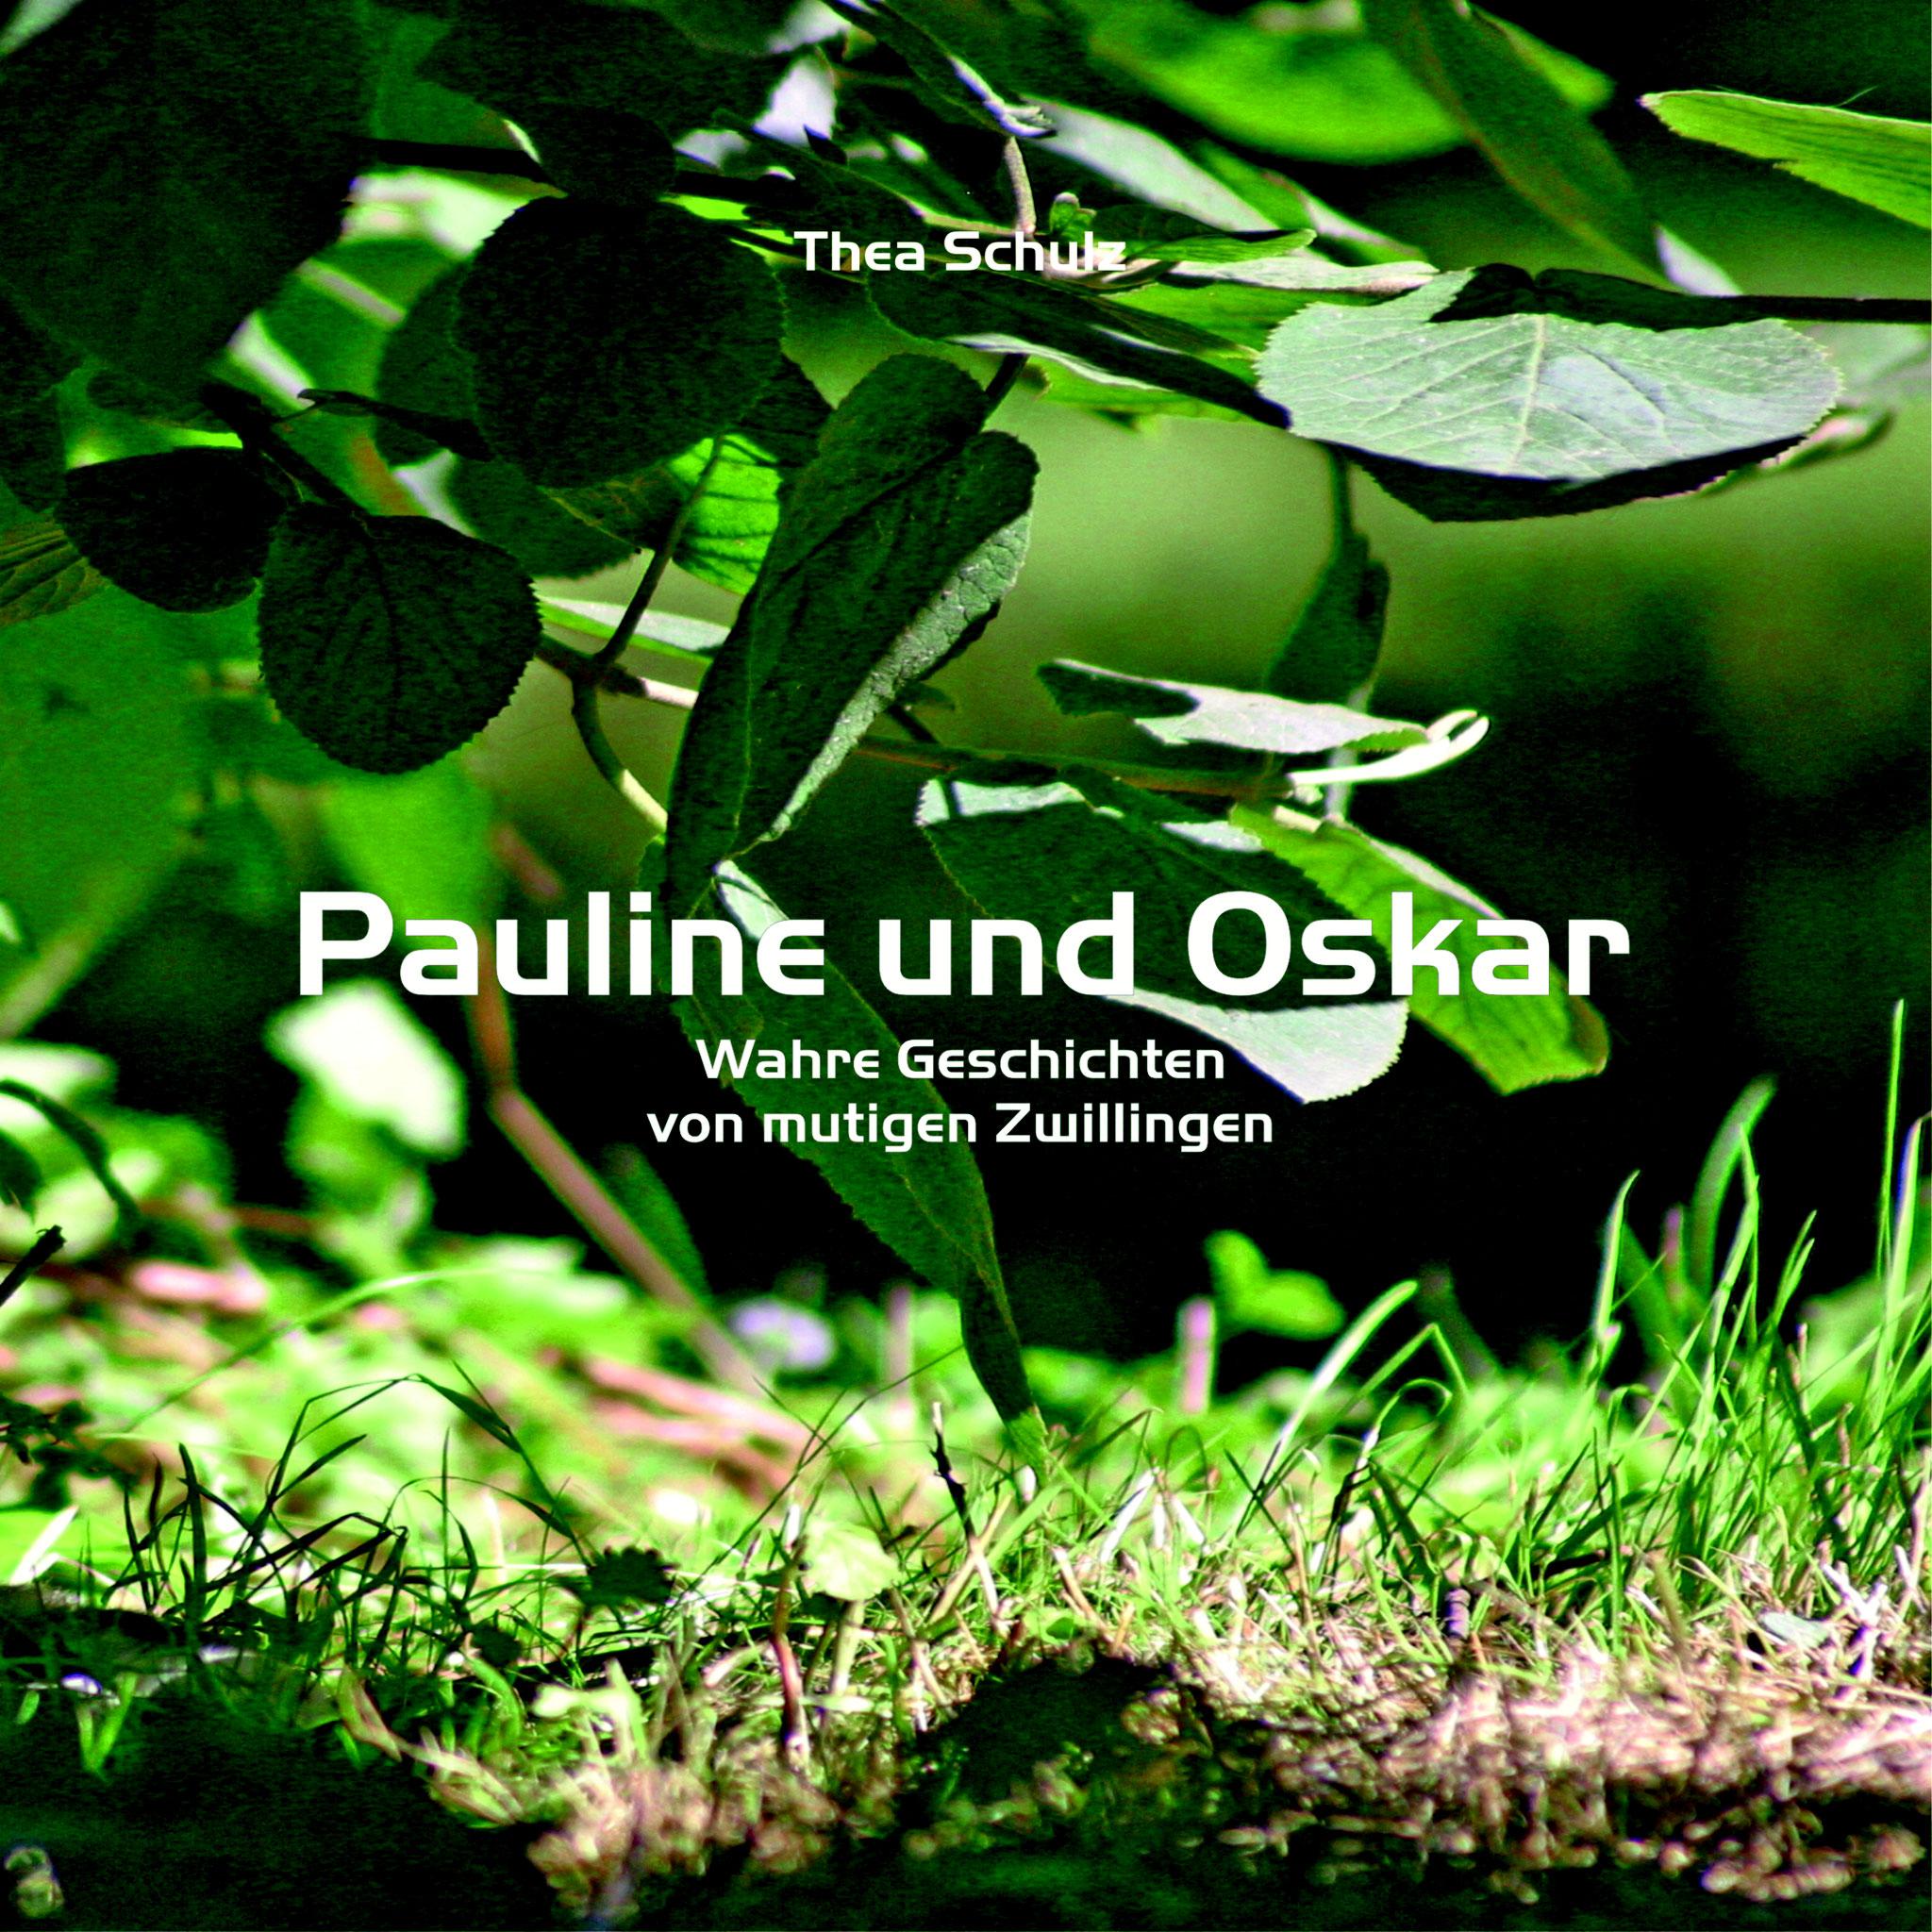 Pauline und Oskar - Wahre Geschichten von mutigen Zwillingen - Kinderbuch